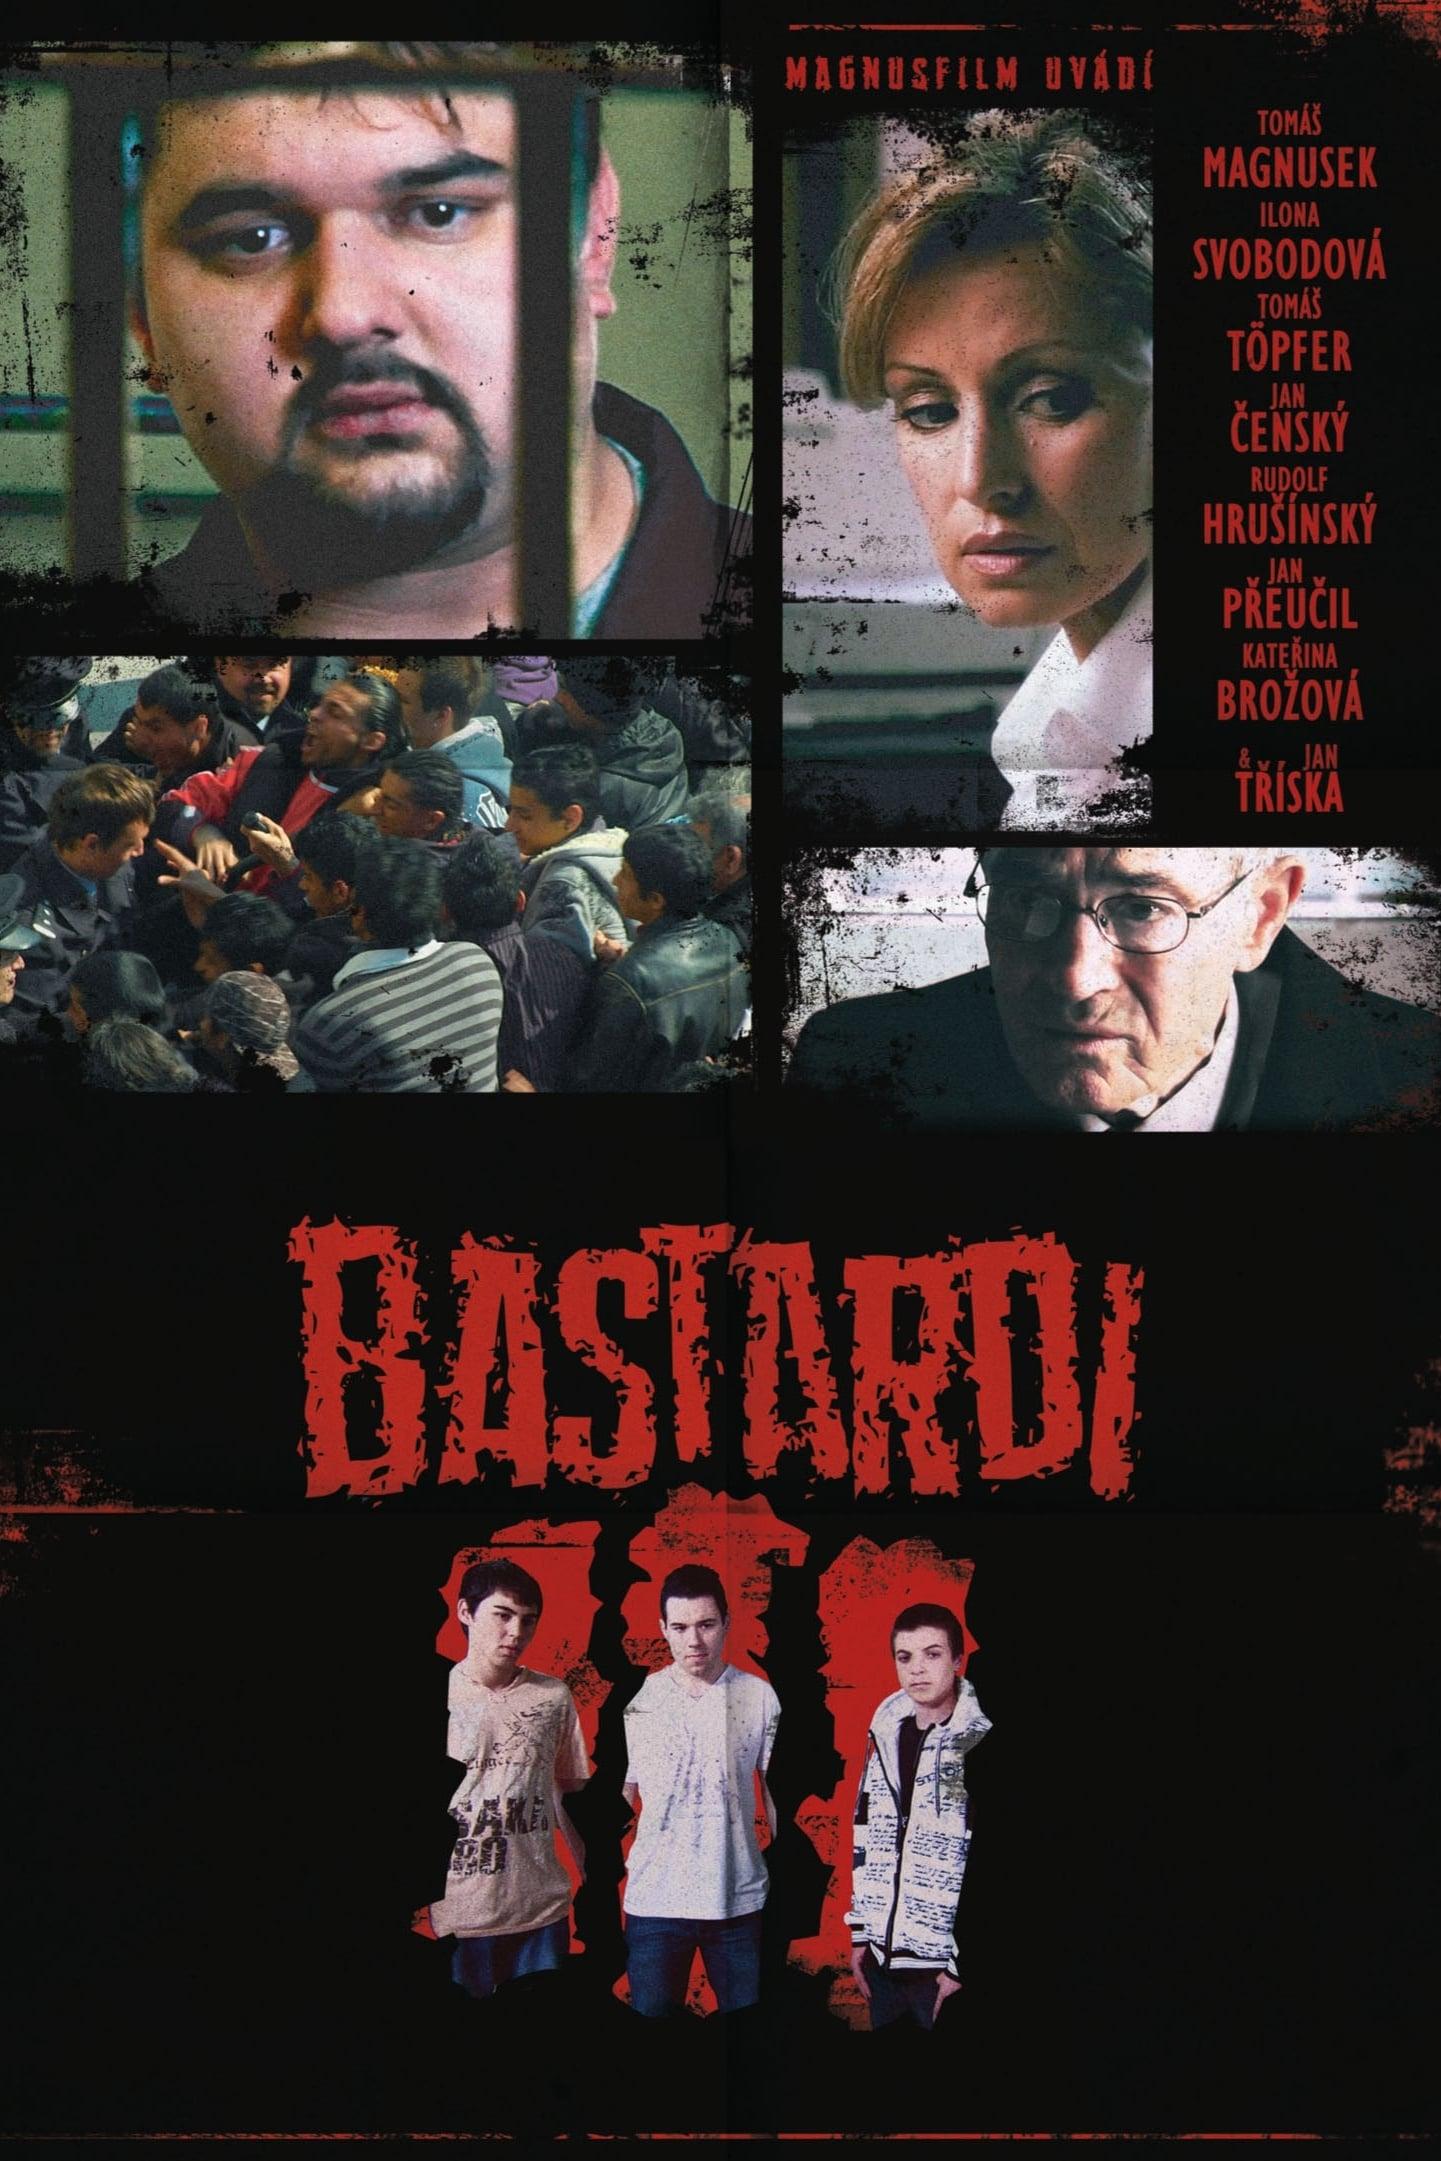 Bastardi III